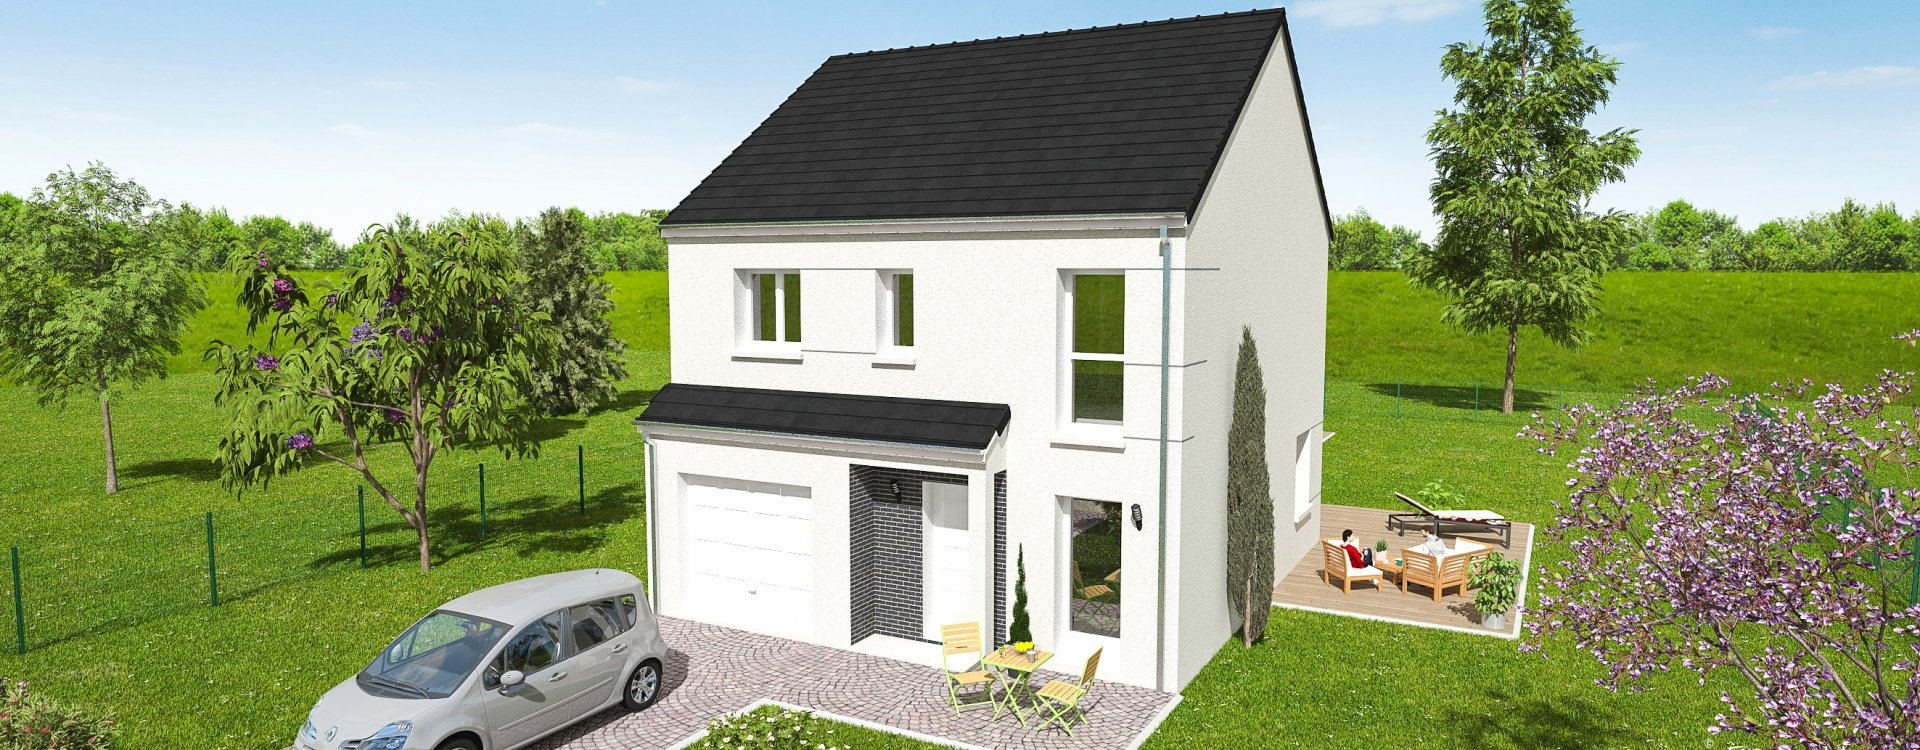 Maisons + Terrains du constructeur EASY HOUSE • 98 m² • CHAINGY